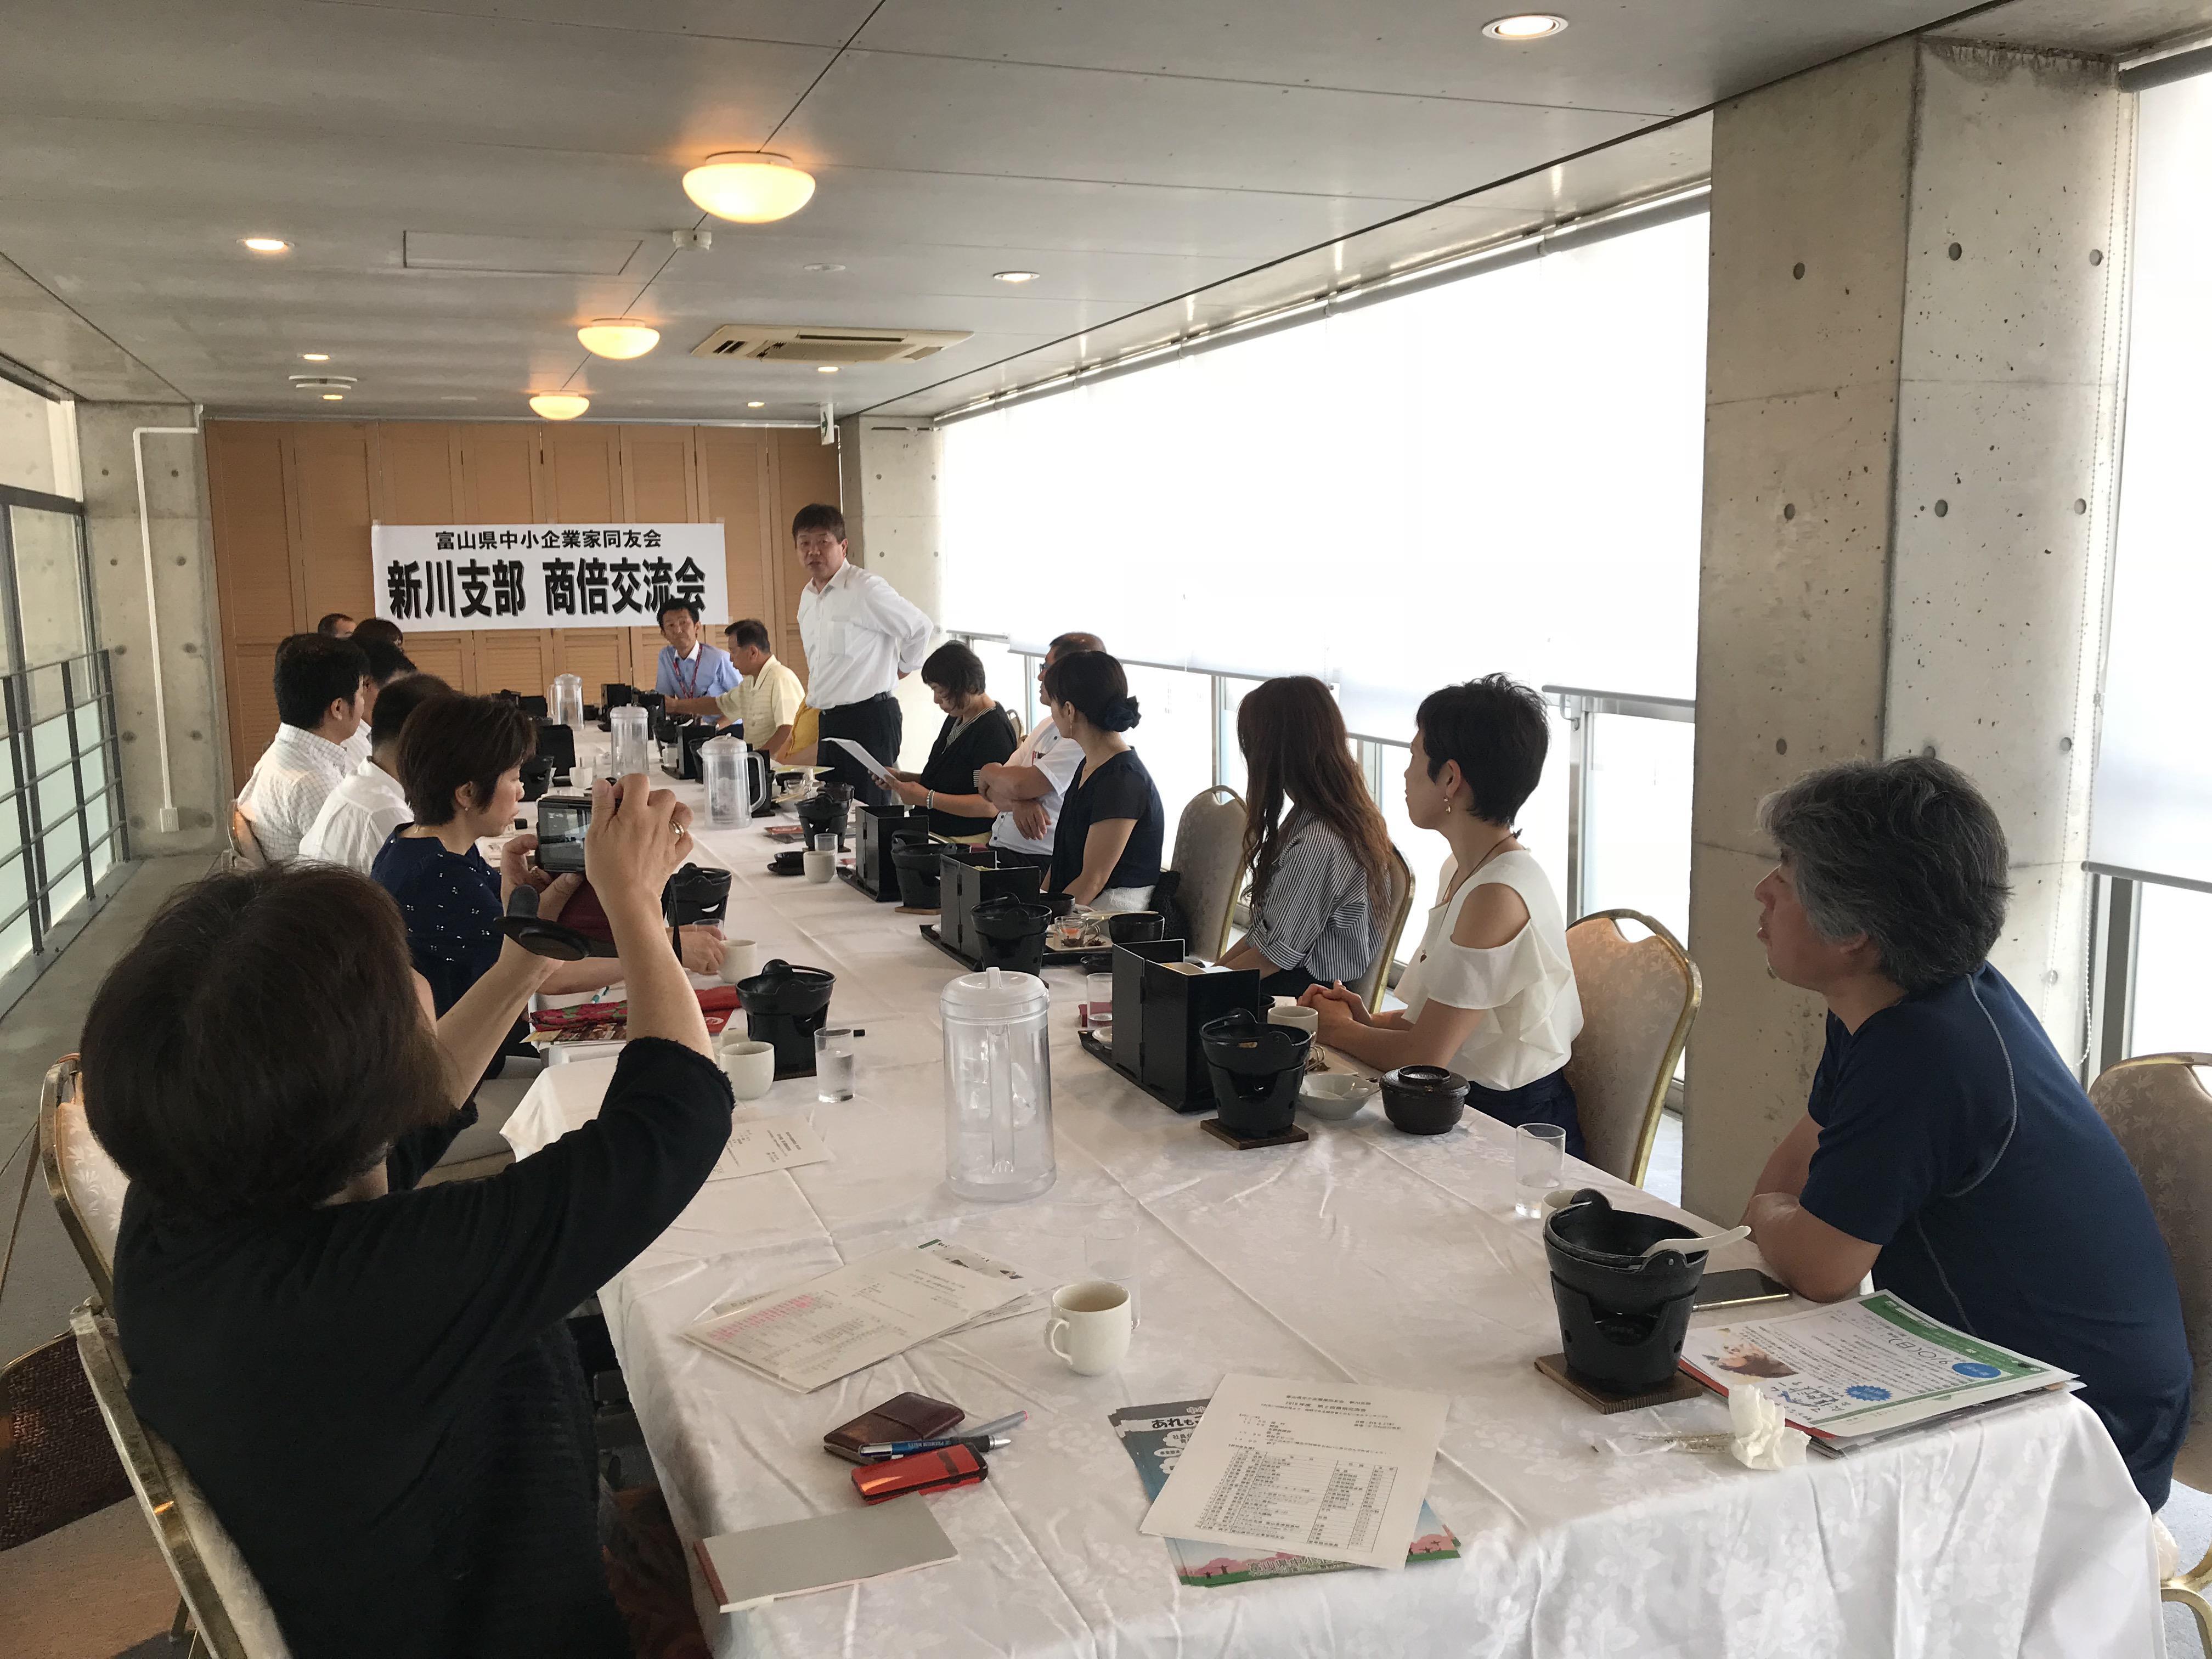 【新川支部】「平成30年度第2回商倍交流会」を開催しました。